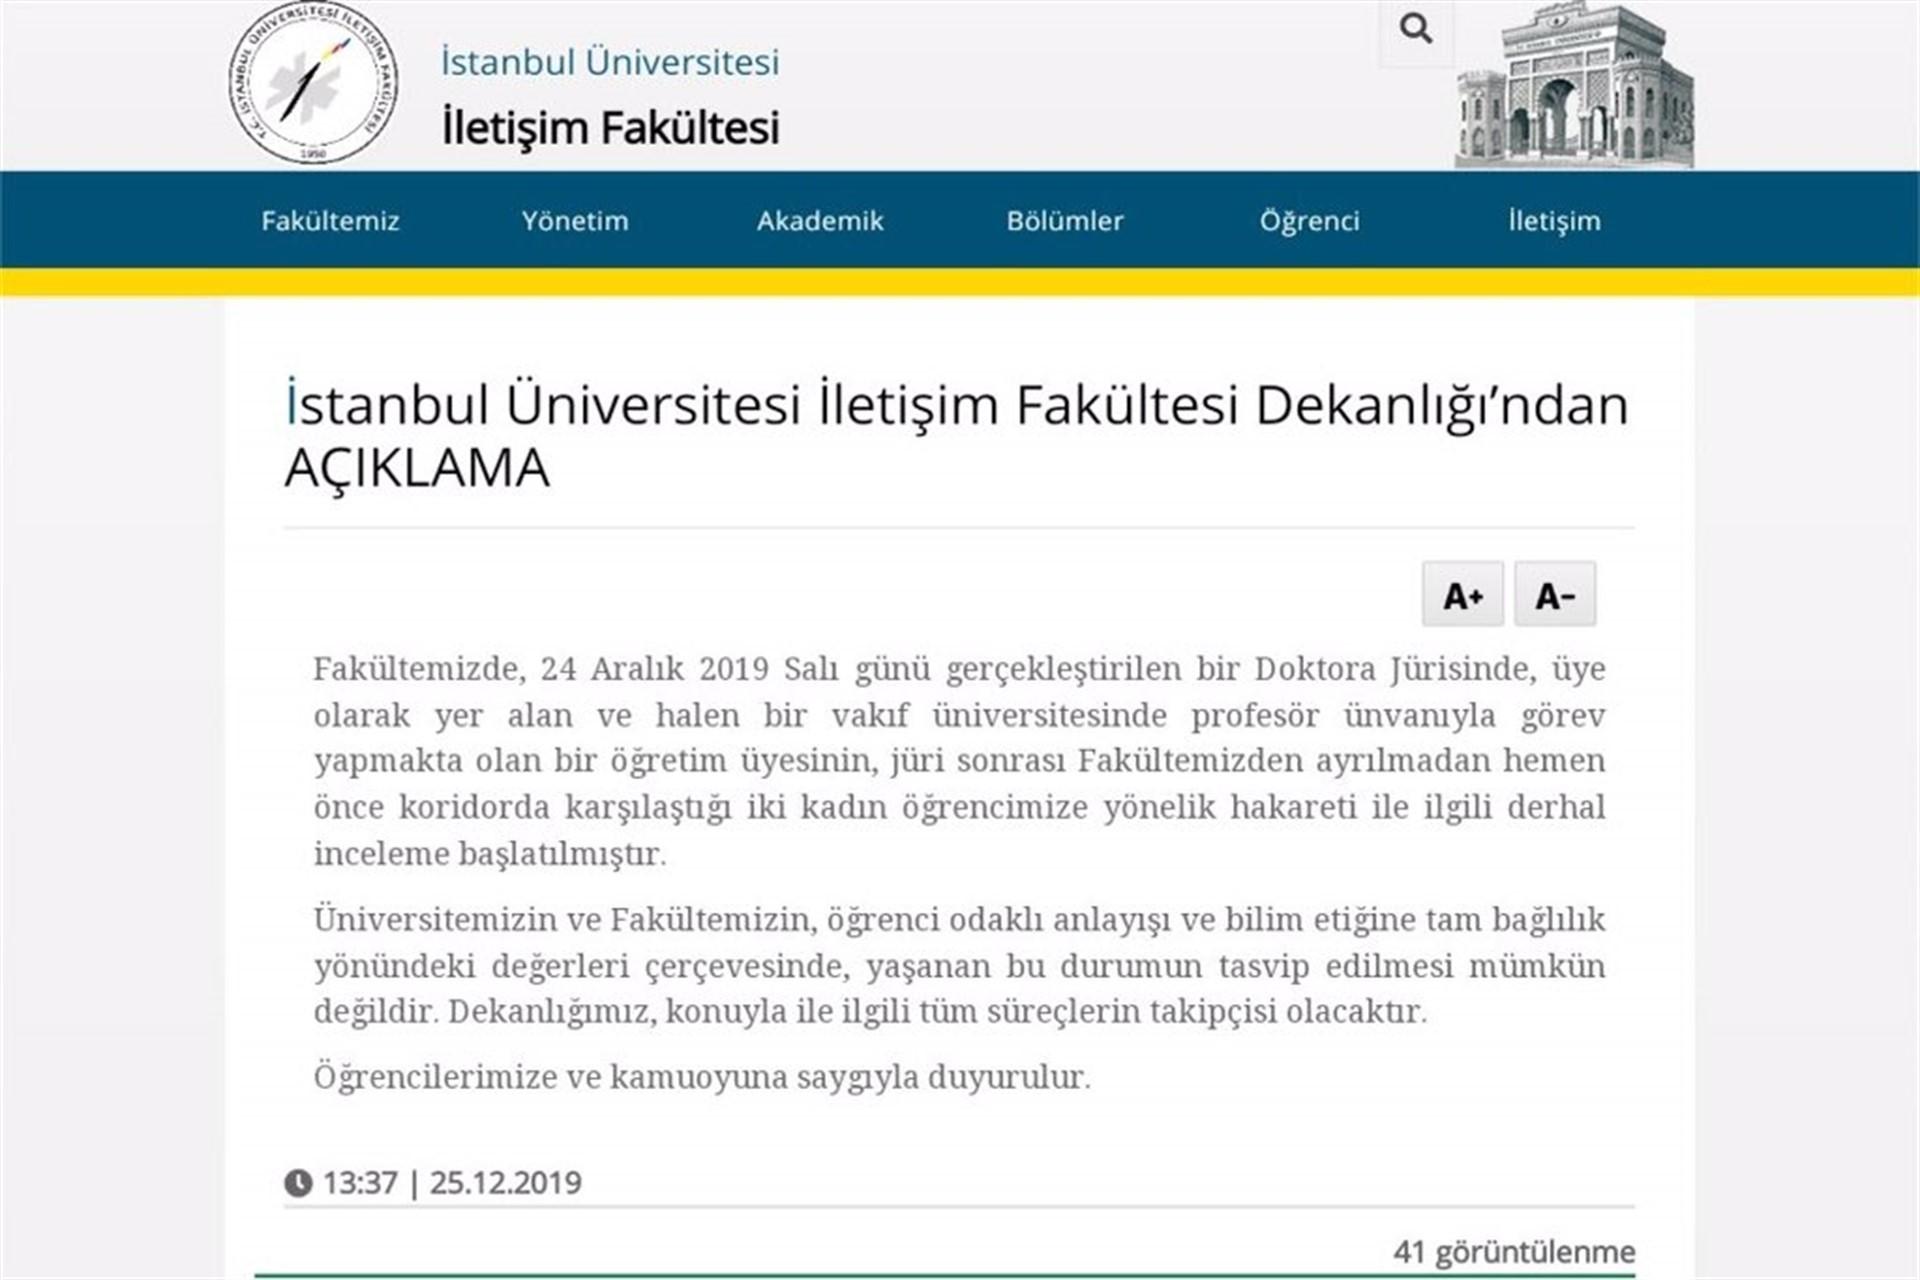 İstanbul Üniversitesi İletişim FakültesiDekanlığının yazılı açıklaması